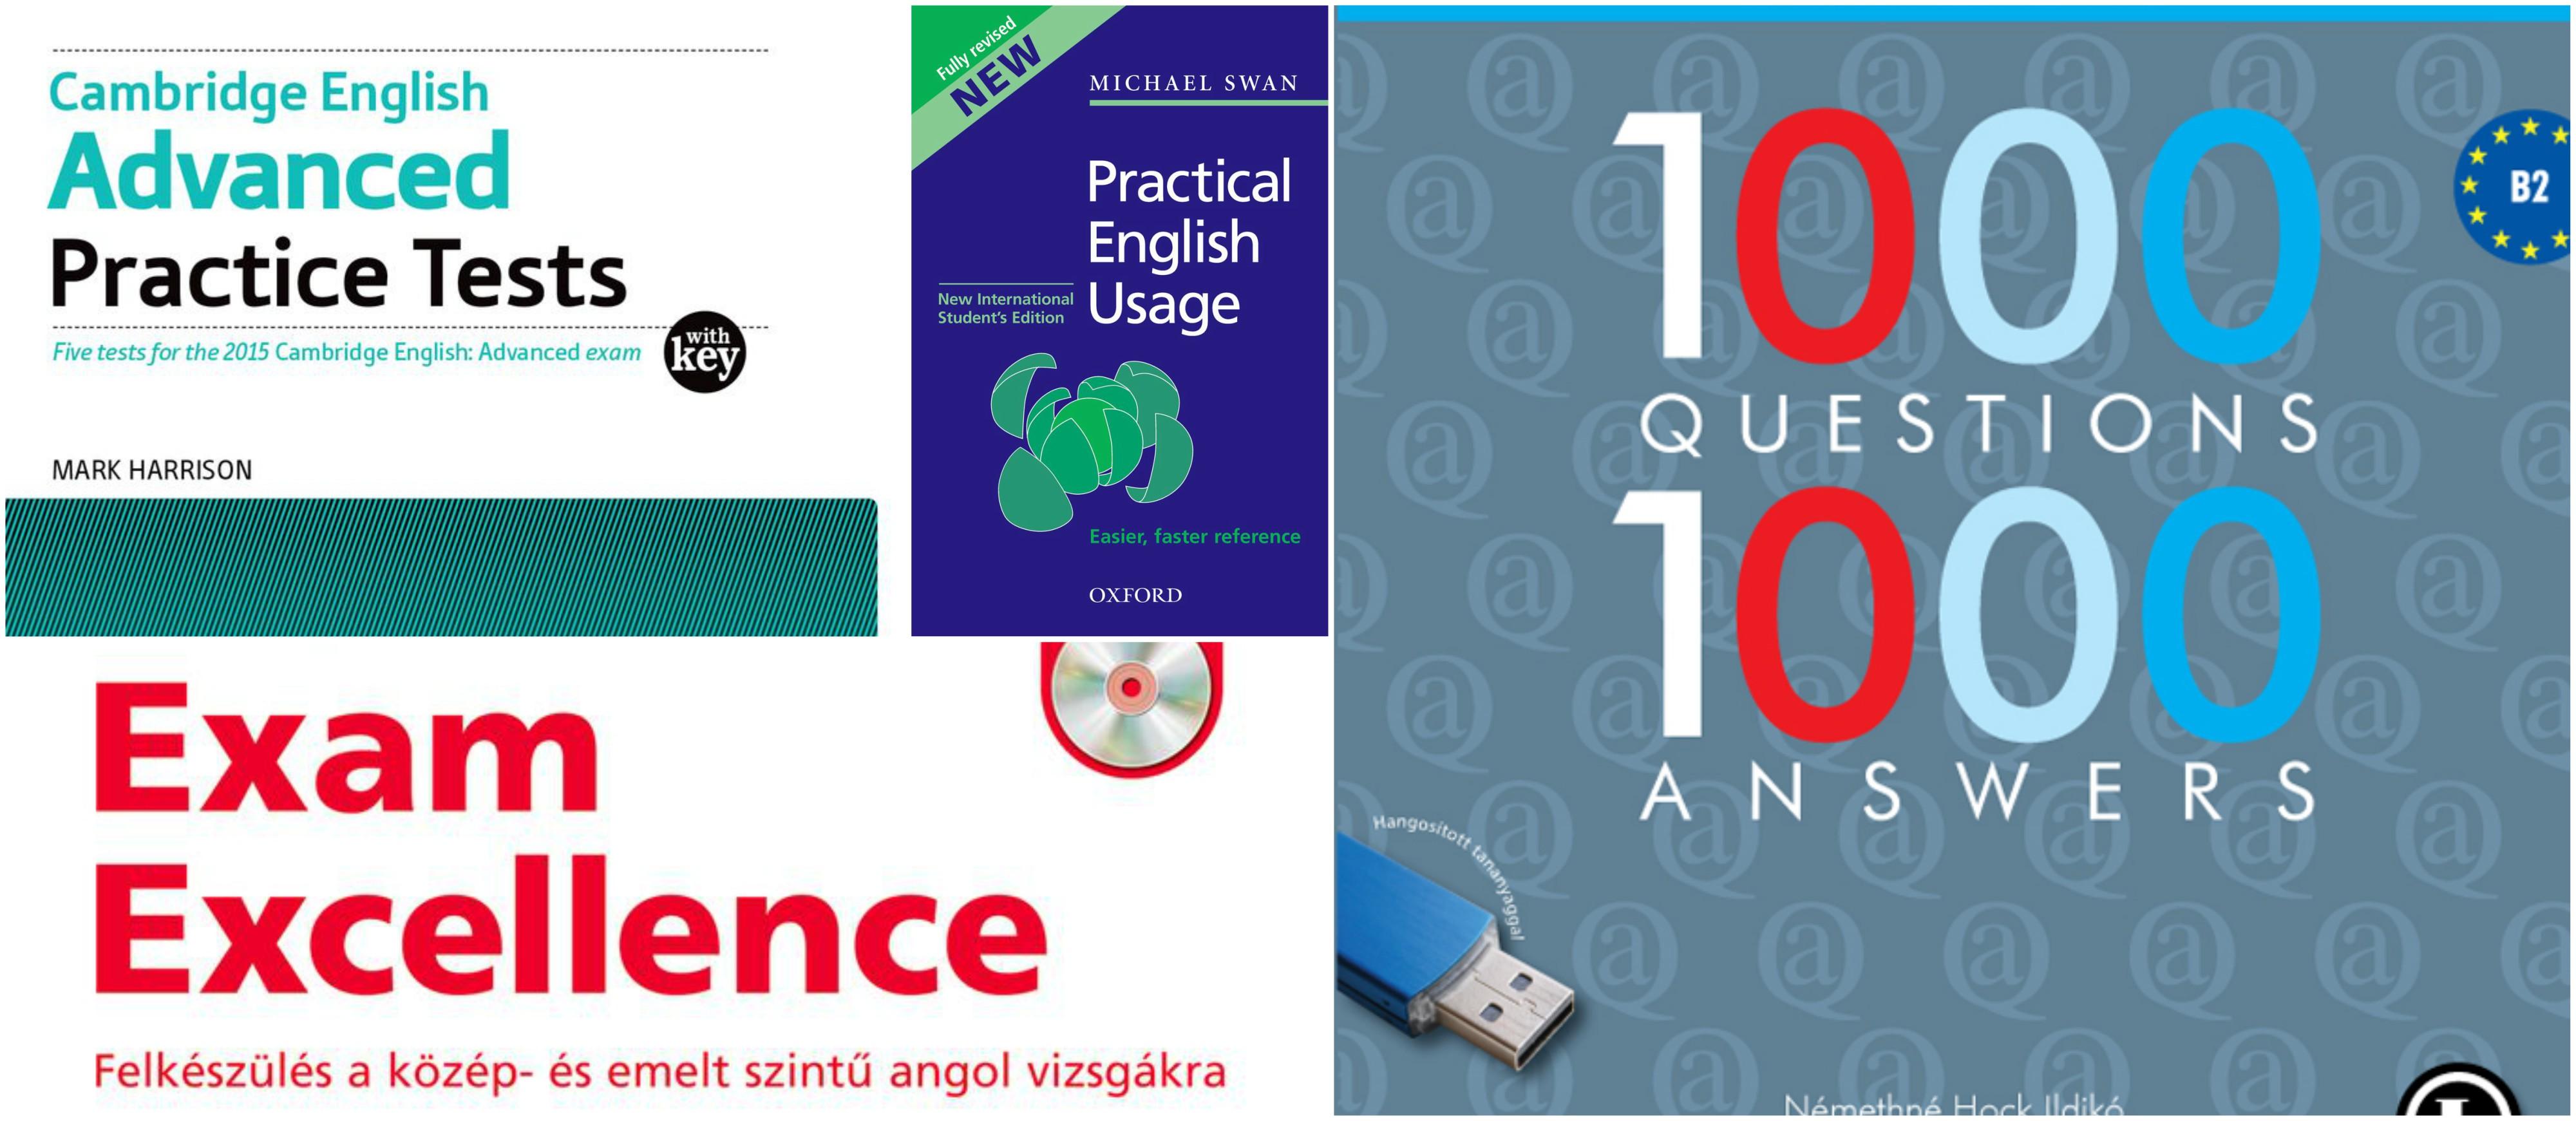 Kiadványok angol érettségihez és nyelvvizsgához.